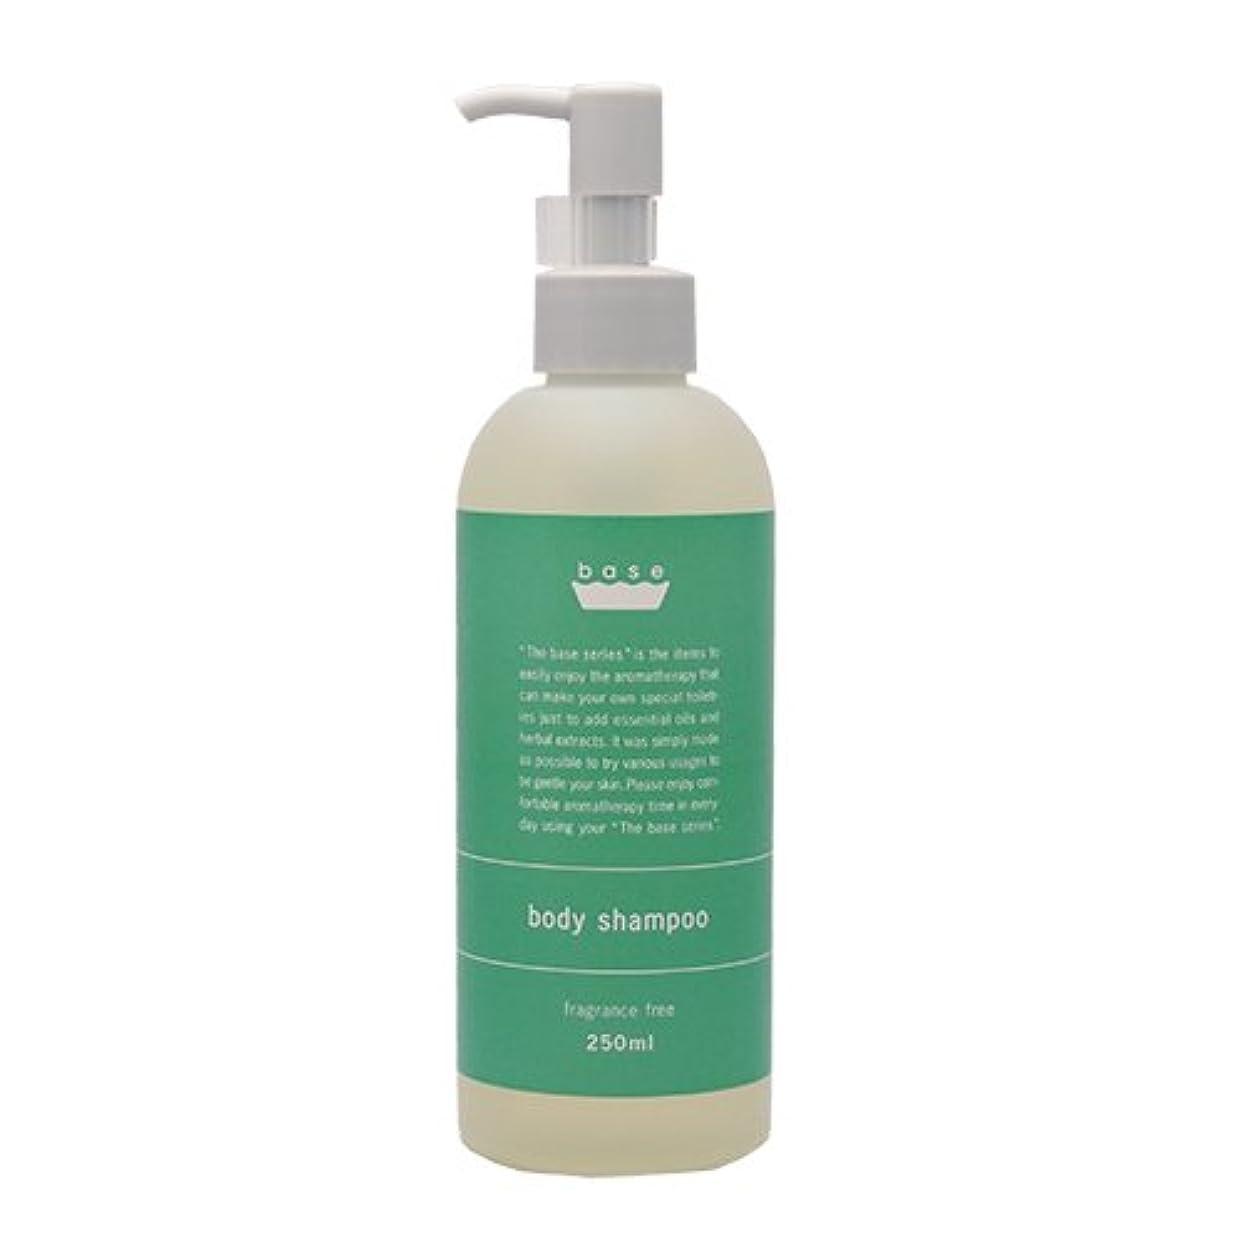 欠かせない広がりヒップフレーバーライフ base body shampoo(ボディーシャンプー)250ml